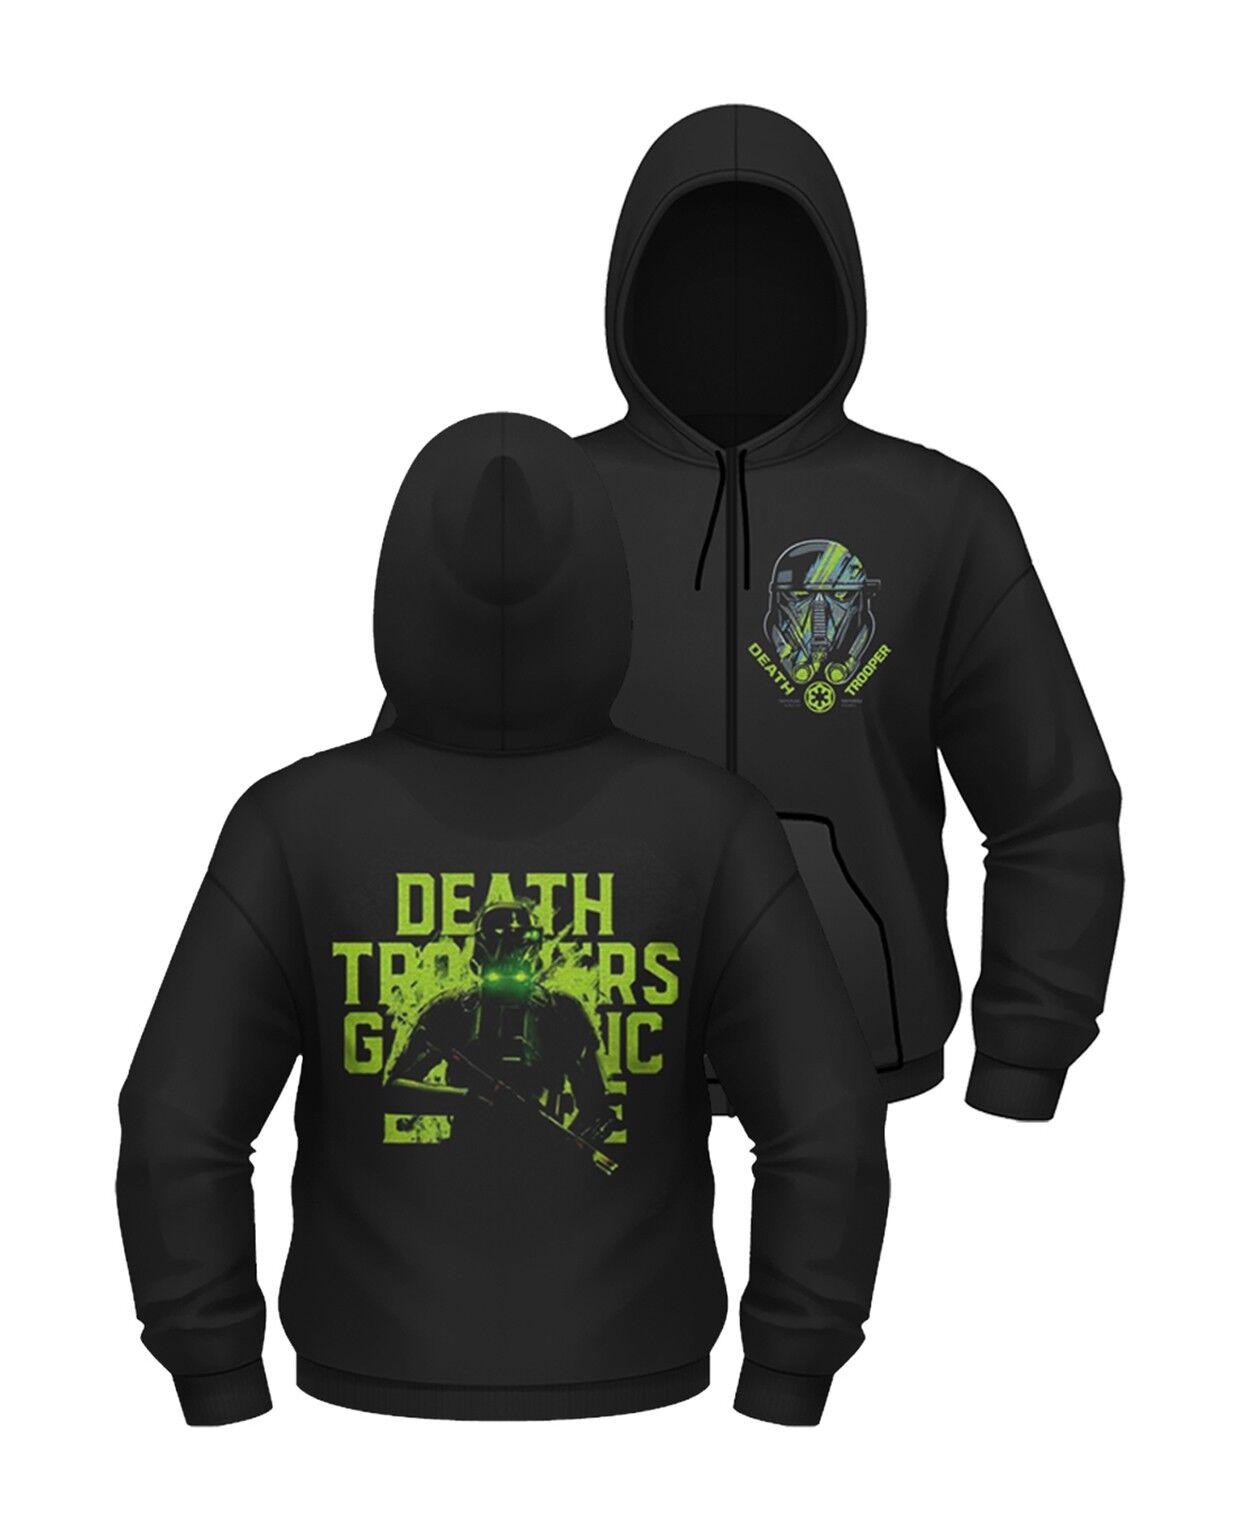 Star Wars Rogue One 'Death Trooper' Zip Hoodie - NEW hoody hooded sweatshirt